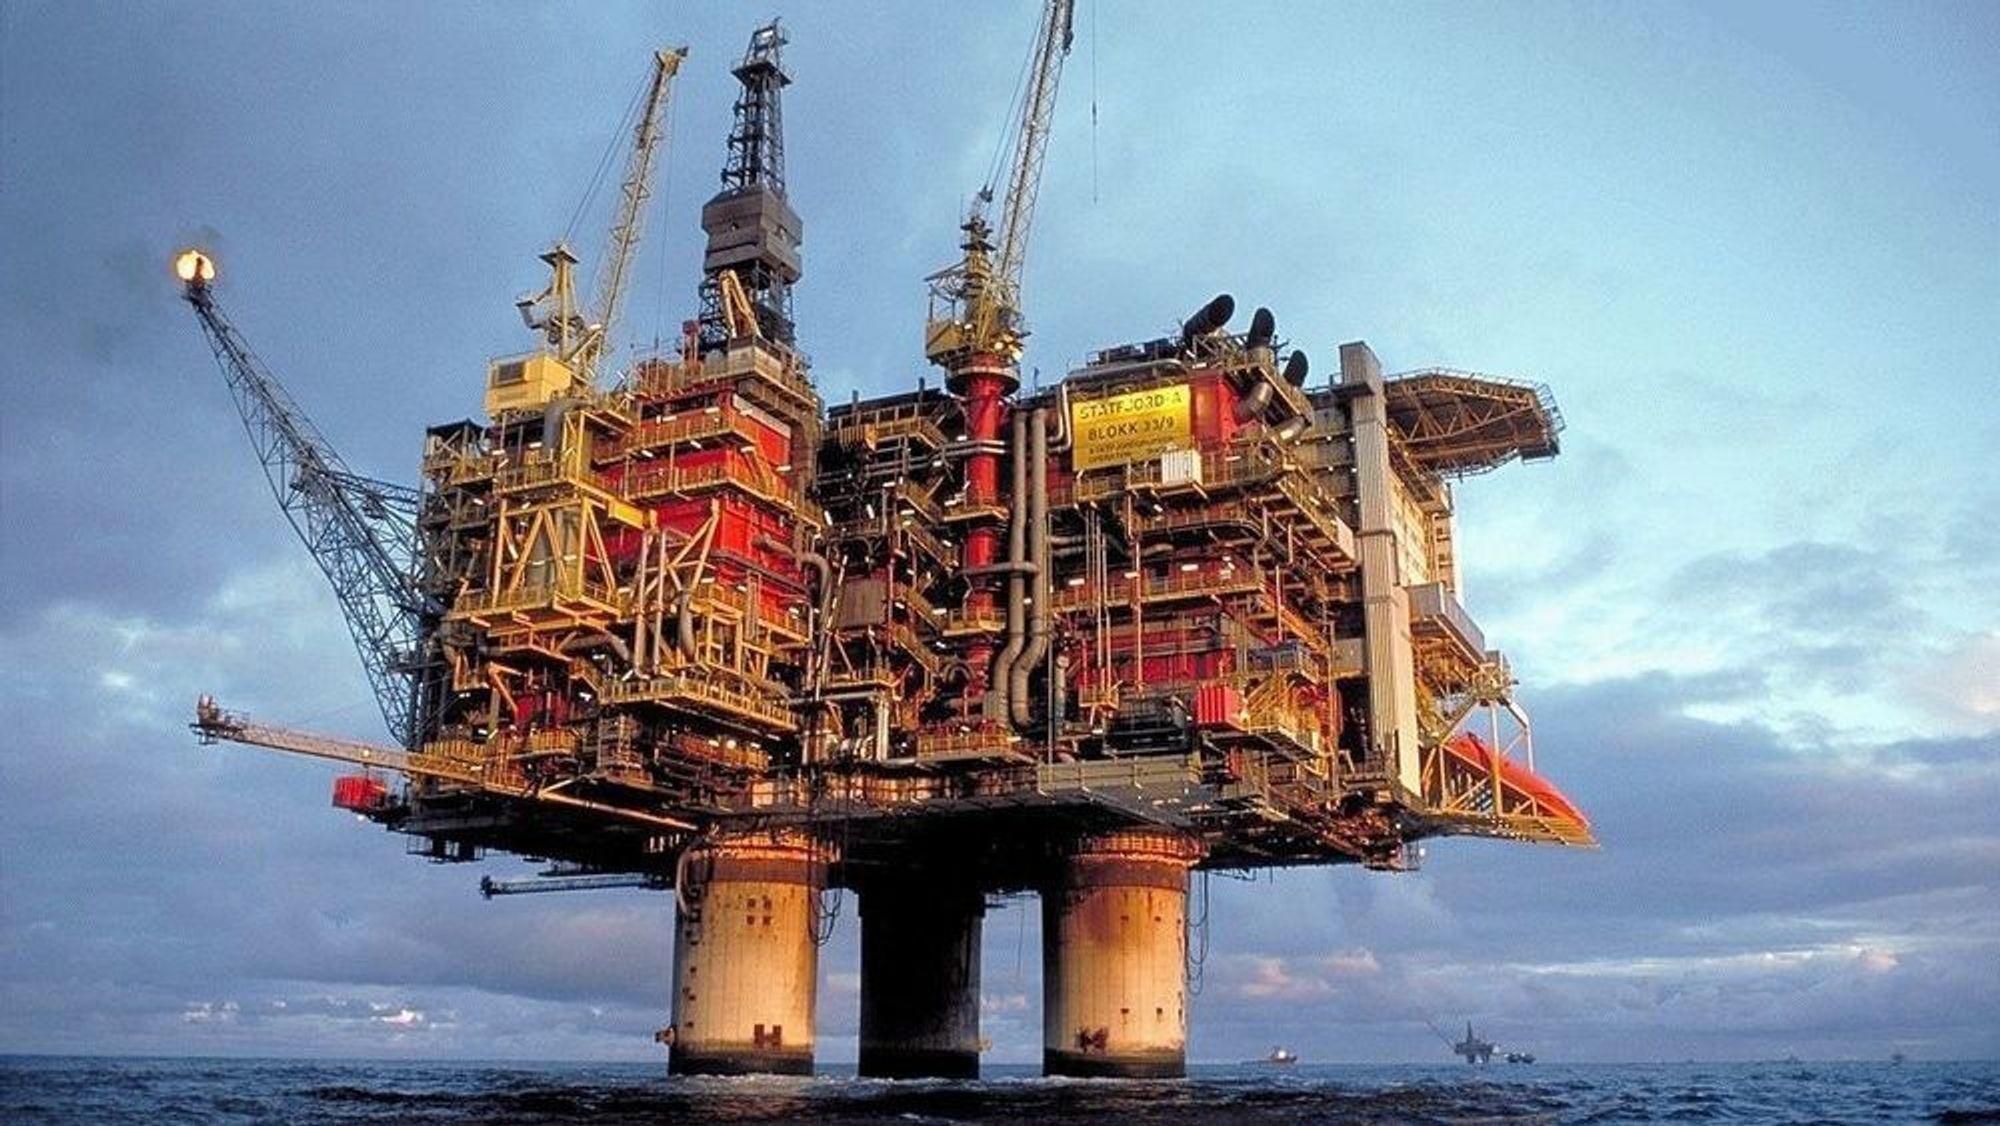 Det var nedgang i oljesalget i 2018, men leteaktiviteten var høyere enn året før, viser Oljedirektoratets oversikt. På bildet ser vi Statfjord A-plattformen.